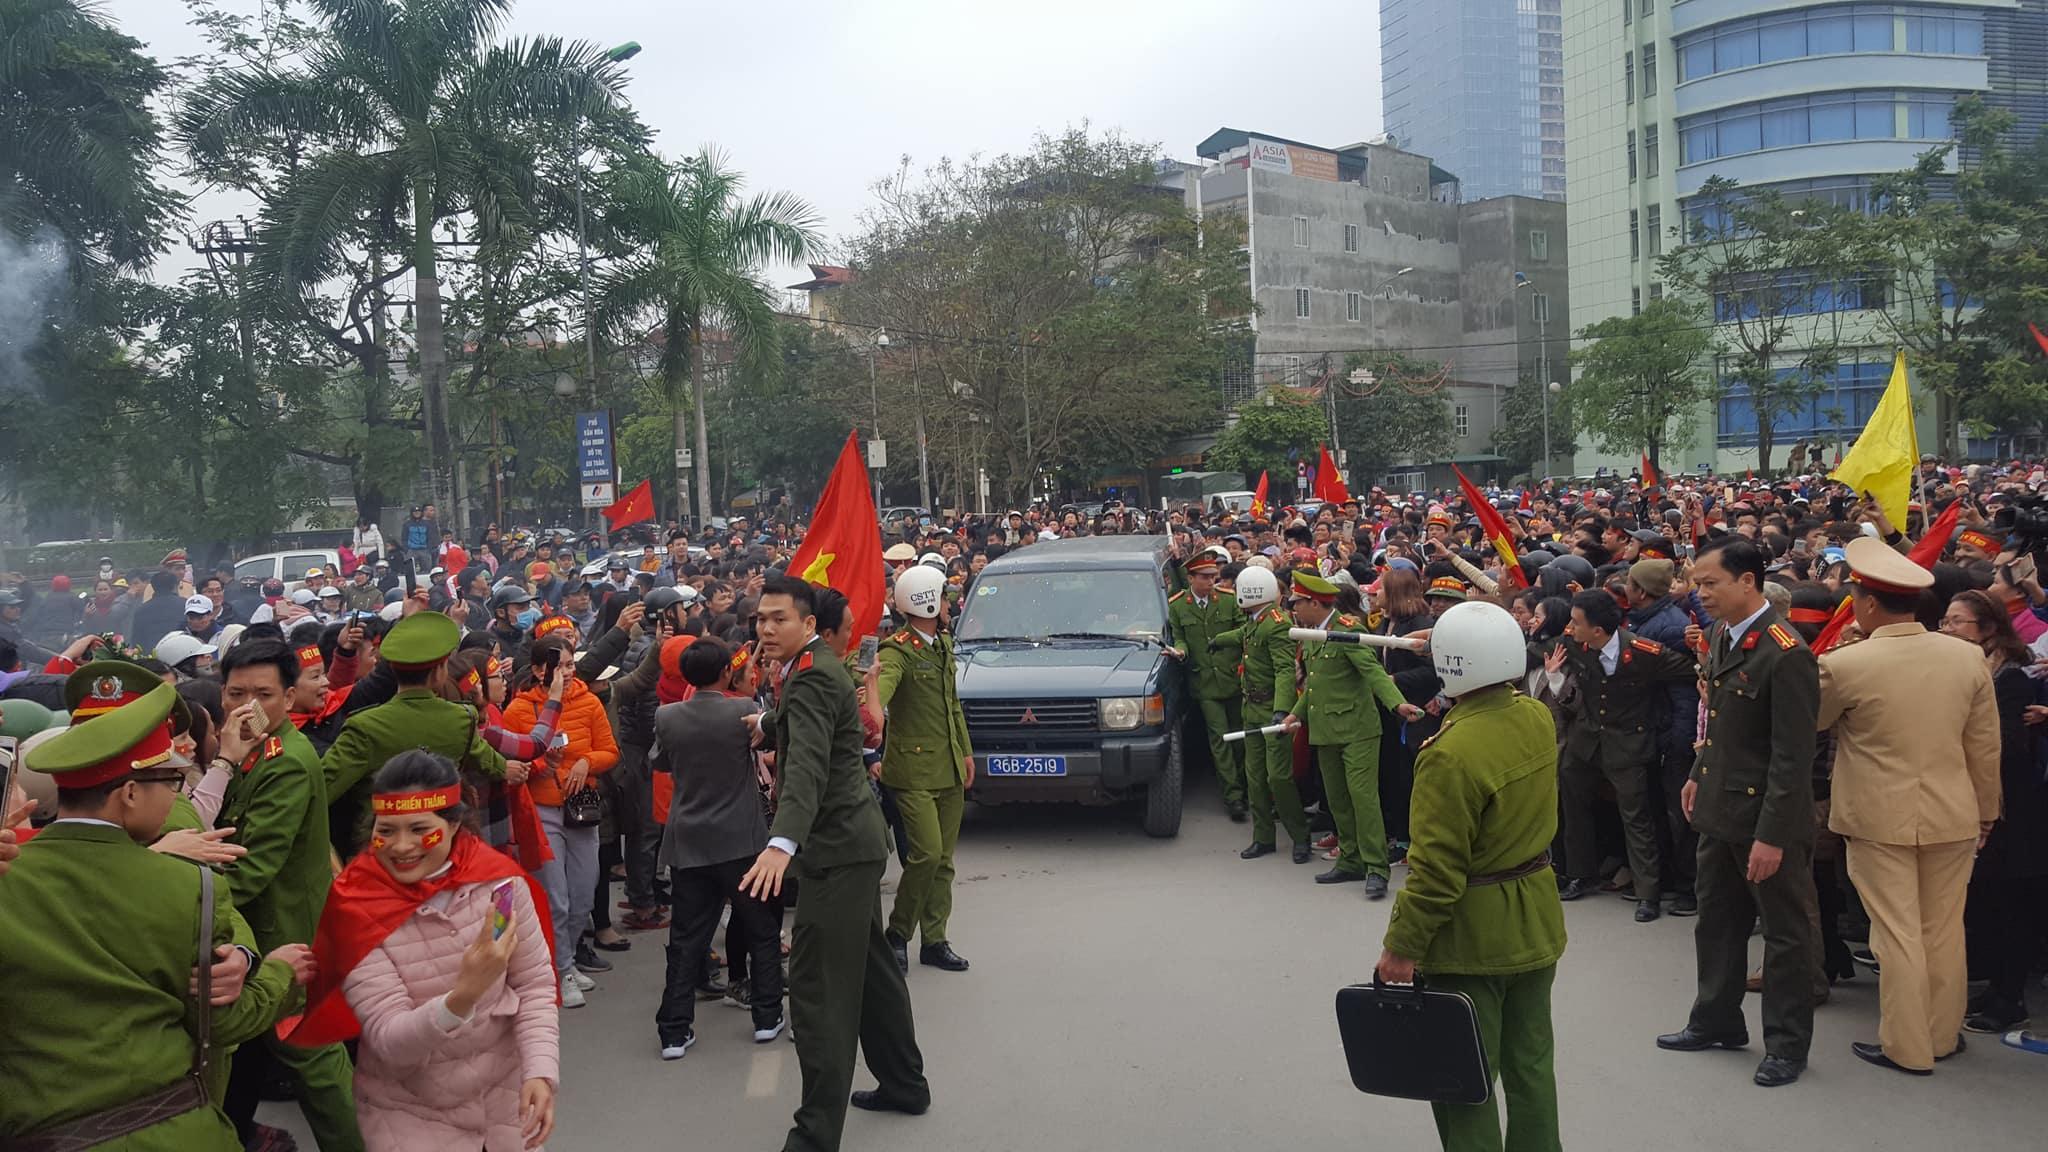 Thủ môn Bùi Tiến Dũng, Anh em Bùi Tiến Dũng, U23 Việt Nam